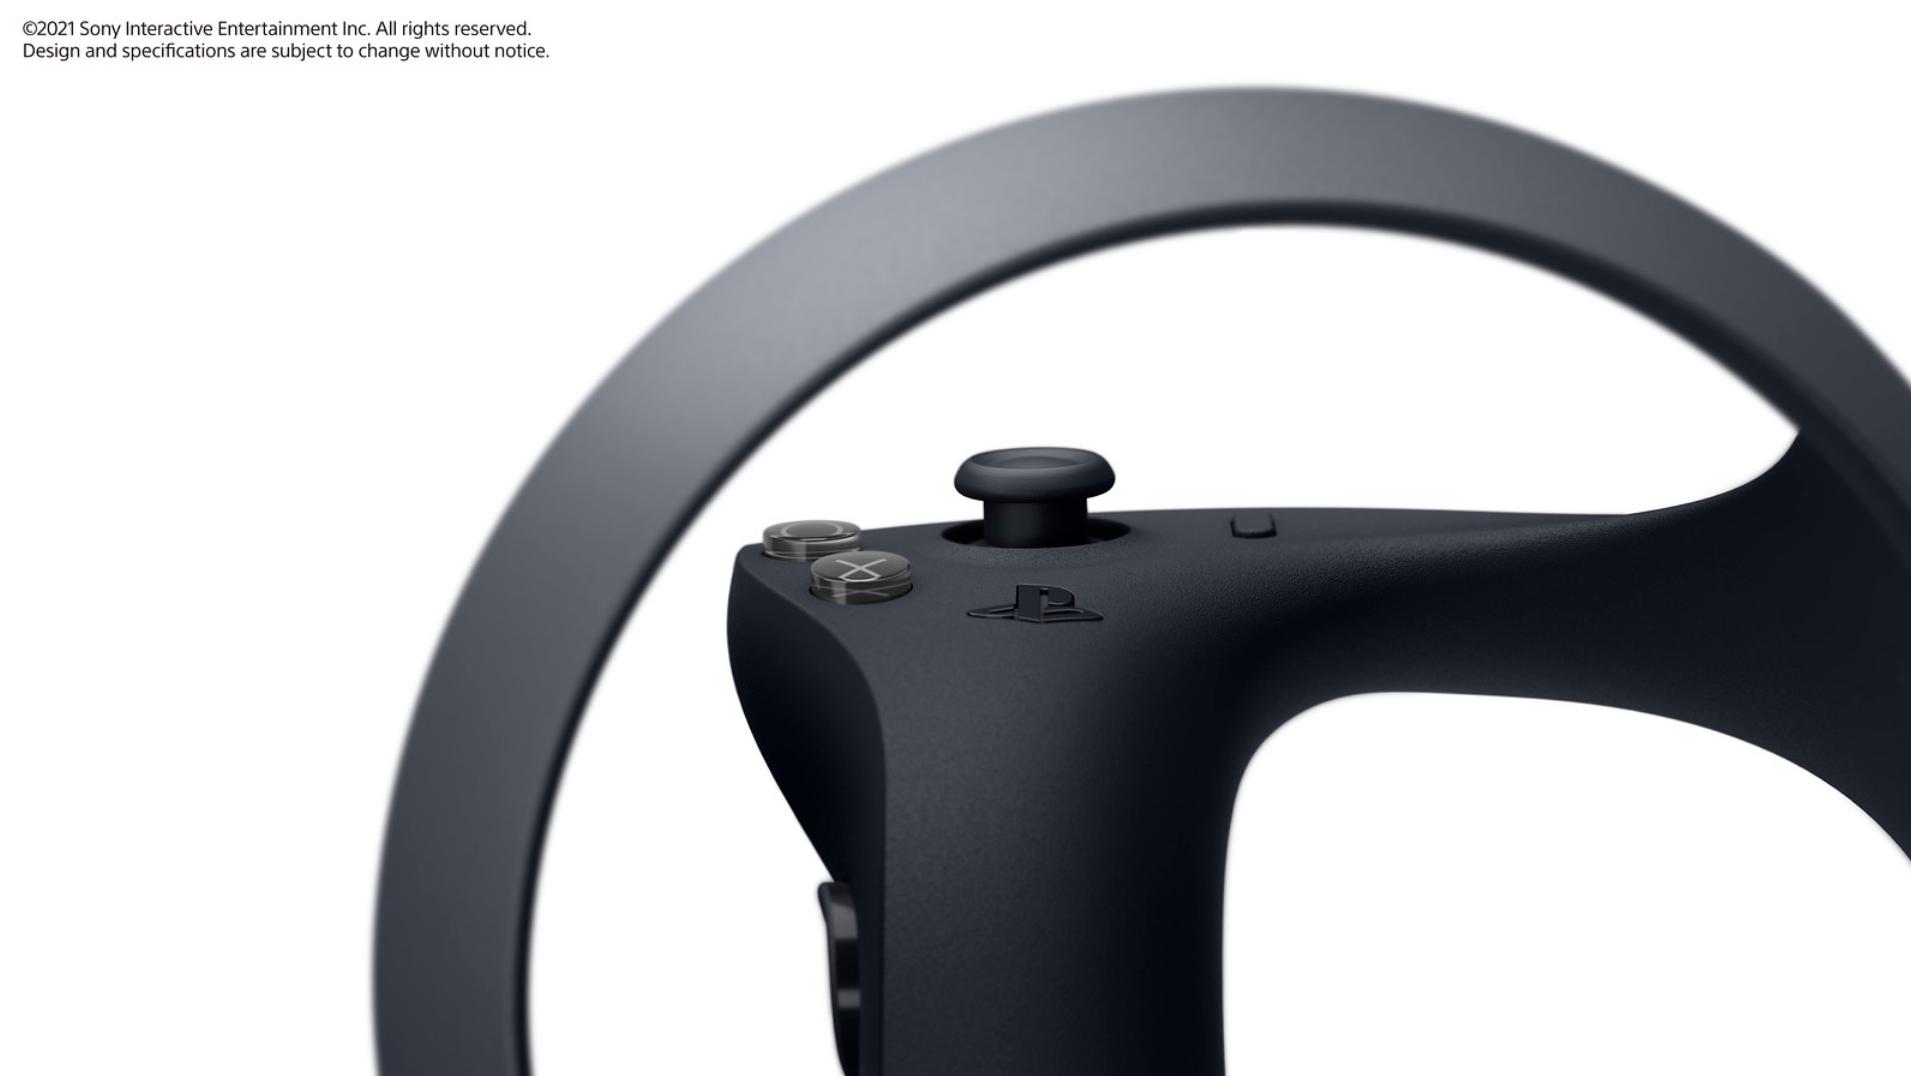 Первый взгляд на будущее PlayStation 5: Sony показала контроллеры для PS VR нового поколения